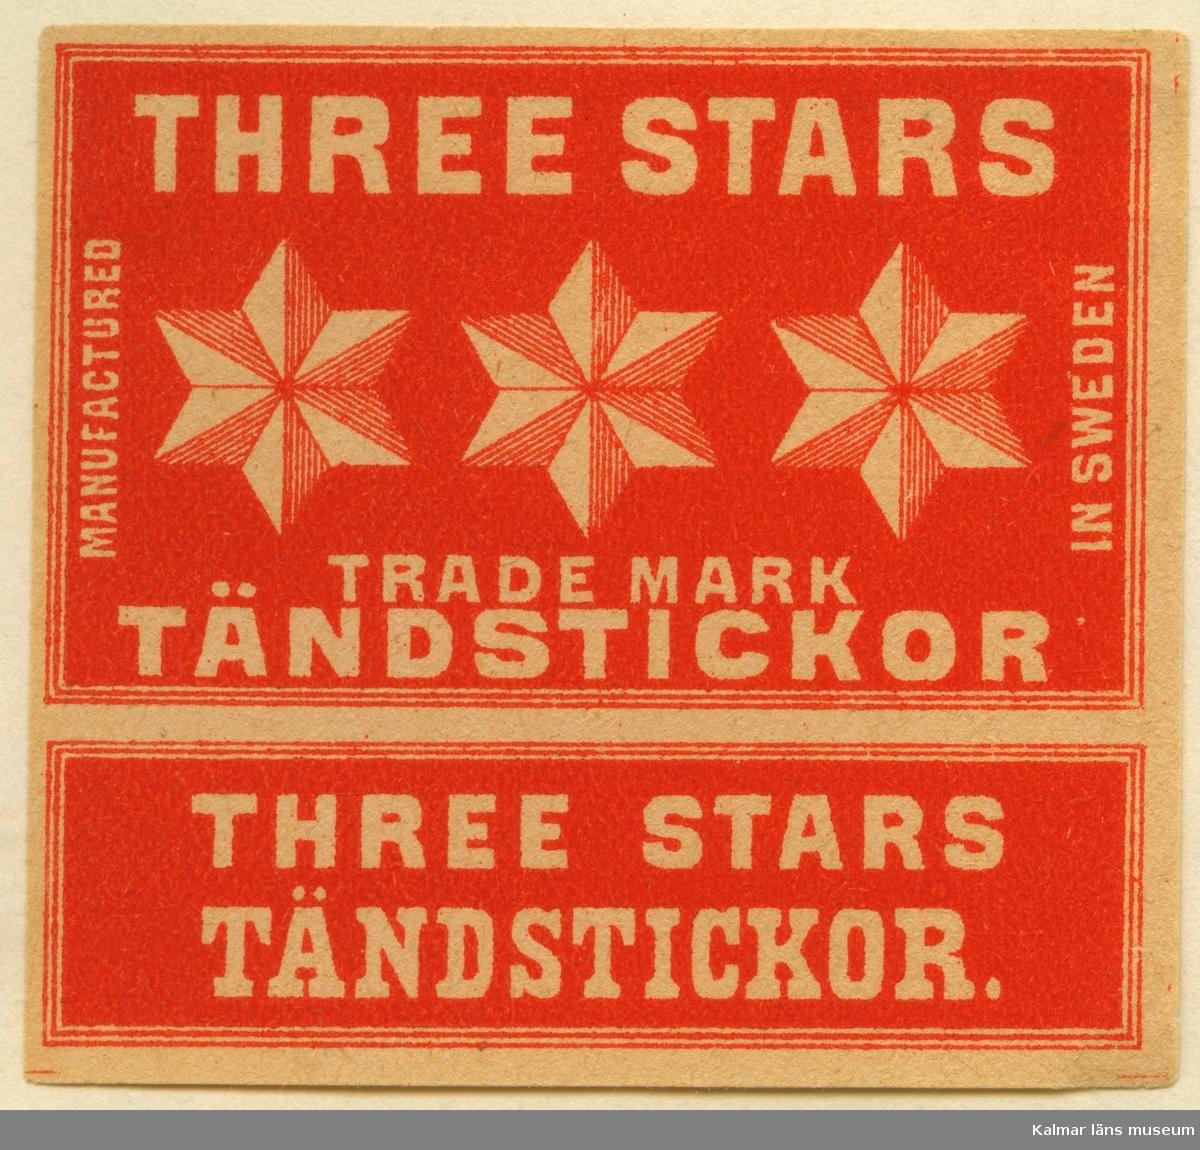 """Tändsticksetikett från Mönsterås Tändsticksfabrik, """"Three Stars Trade Mark Tändstickor""""   Mönsterås har haft två tändsticksfabriker. Den första var Rosendahlsfabriken som anlades 1869 av apotekare Götvid Frykman (1811-1876). Frykman bodde i Kalmar och innehade apoteket i Borgholm 1842-1864. Fabriken lades ner 1887 men 1892 anlades en ny fabrik av Ernst Kreuger och hans bror Fredrik i London under firma E & F Kreuger i Kalmar. Detta skulle bli inledningen till Kreugerepoken inom den svenska tändsticksindustrin..  Under 1800-talet  tillverkades vid fabrikerna i huvudsak svaveltändstickor för export. Genom att också fosfor ingick i tändsatsen var de lättantändliga och orsakade ofta små bränder inom fabriken. Stickornas isättning i ramar gjordes för hand och var hälsovådlig för arbetarna, varför de måste passera vakten till tvättrummet som såg till att alla tvättade händerna före måltid och vid arbetets slut. Fosforångorna var också mycket skadliga särkilt för personer med dåliga tänder. Frykman som ägde Rosendahlsfabriken, sålde den till A M Lindqvist från Mönsterås. Lindqvist utökade rörelsen avsevärt, men tillverkningen omfattade bara fosfortändstickor. Mönsterås Tidning skriver i en artikel 1882 att fabriken hade 120 anställda och att priserna låg under Jönköpings. Efter konkursen 1887 lades fabriken ner.  (Uppgifterna hämtade från http://thoresmatches.se/tandsticksfabriker/monsteras_tandsticksfabriker.htm)"""